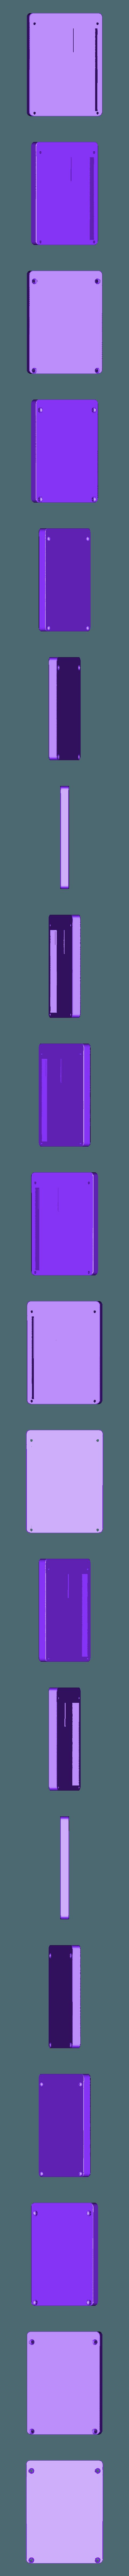 SiCK-PAD-bottom.stl Télécharger fichier STL gratuit Clavier mécanique - SiCK-PAD • Objet imprimable en 3D, FedorSosnin